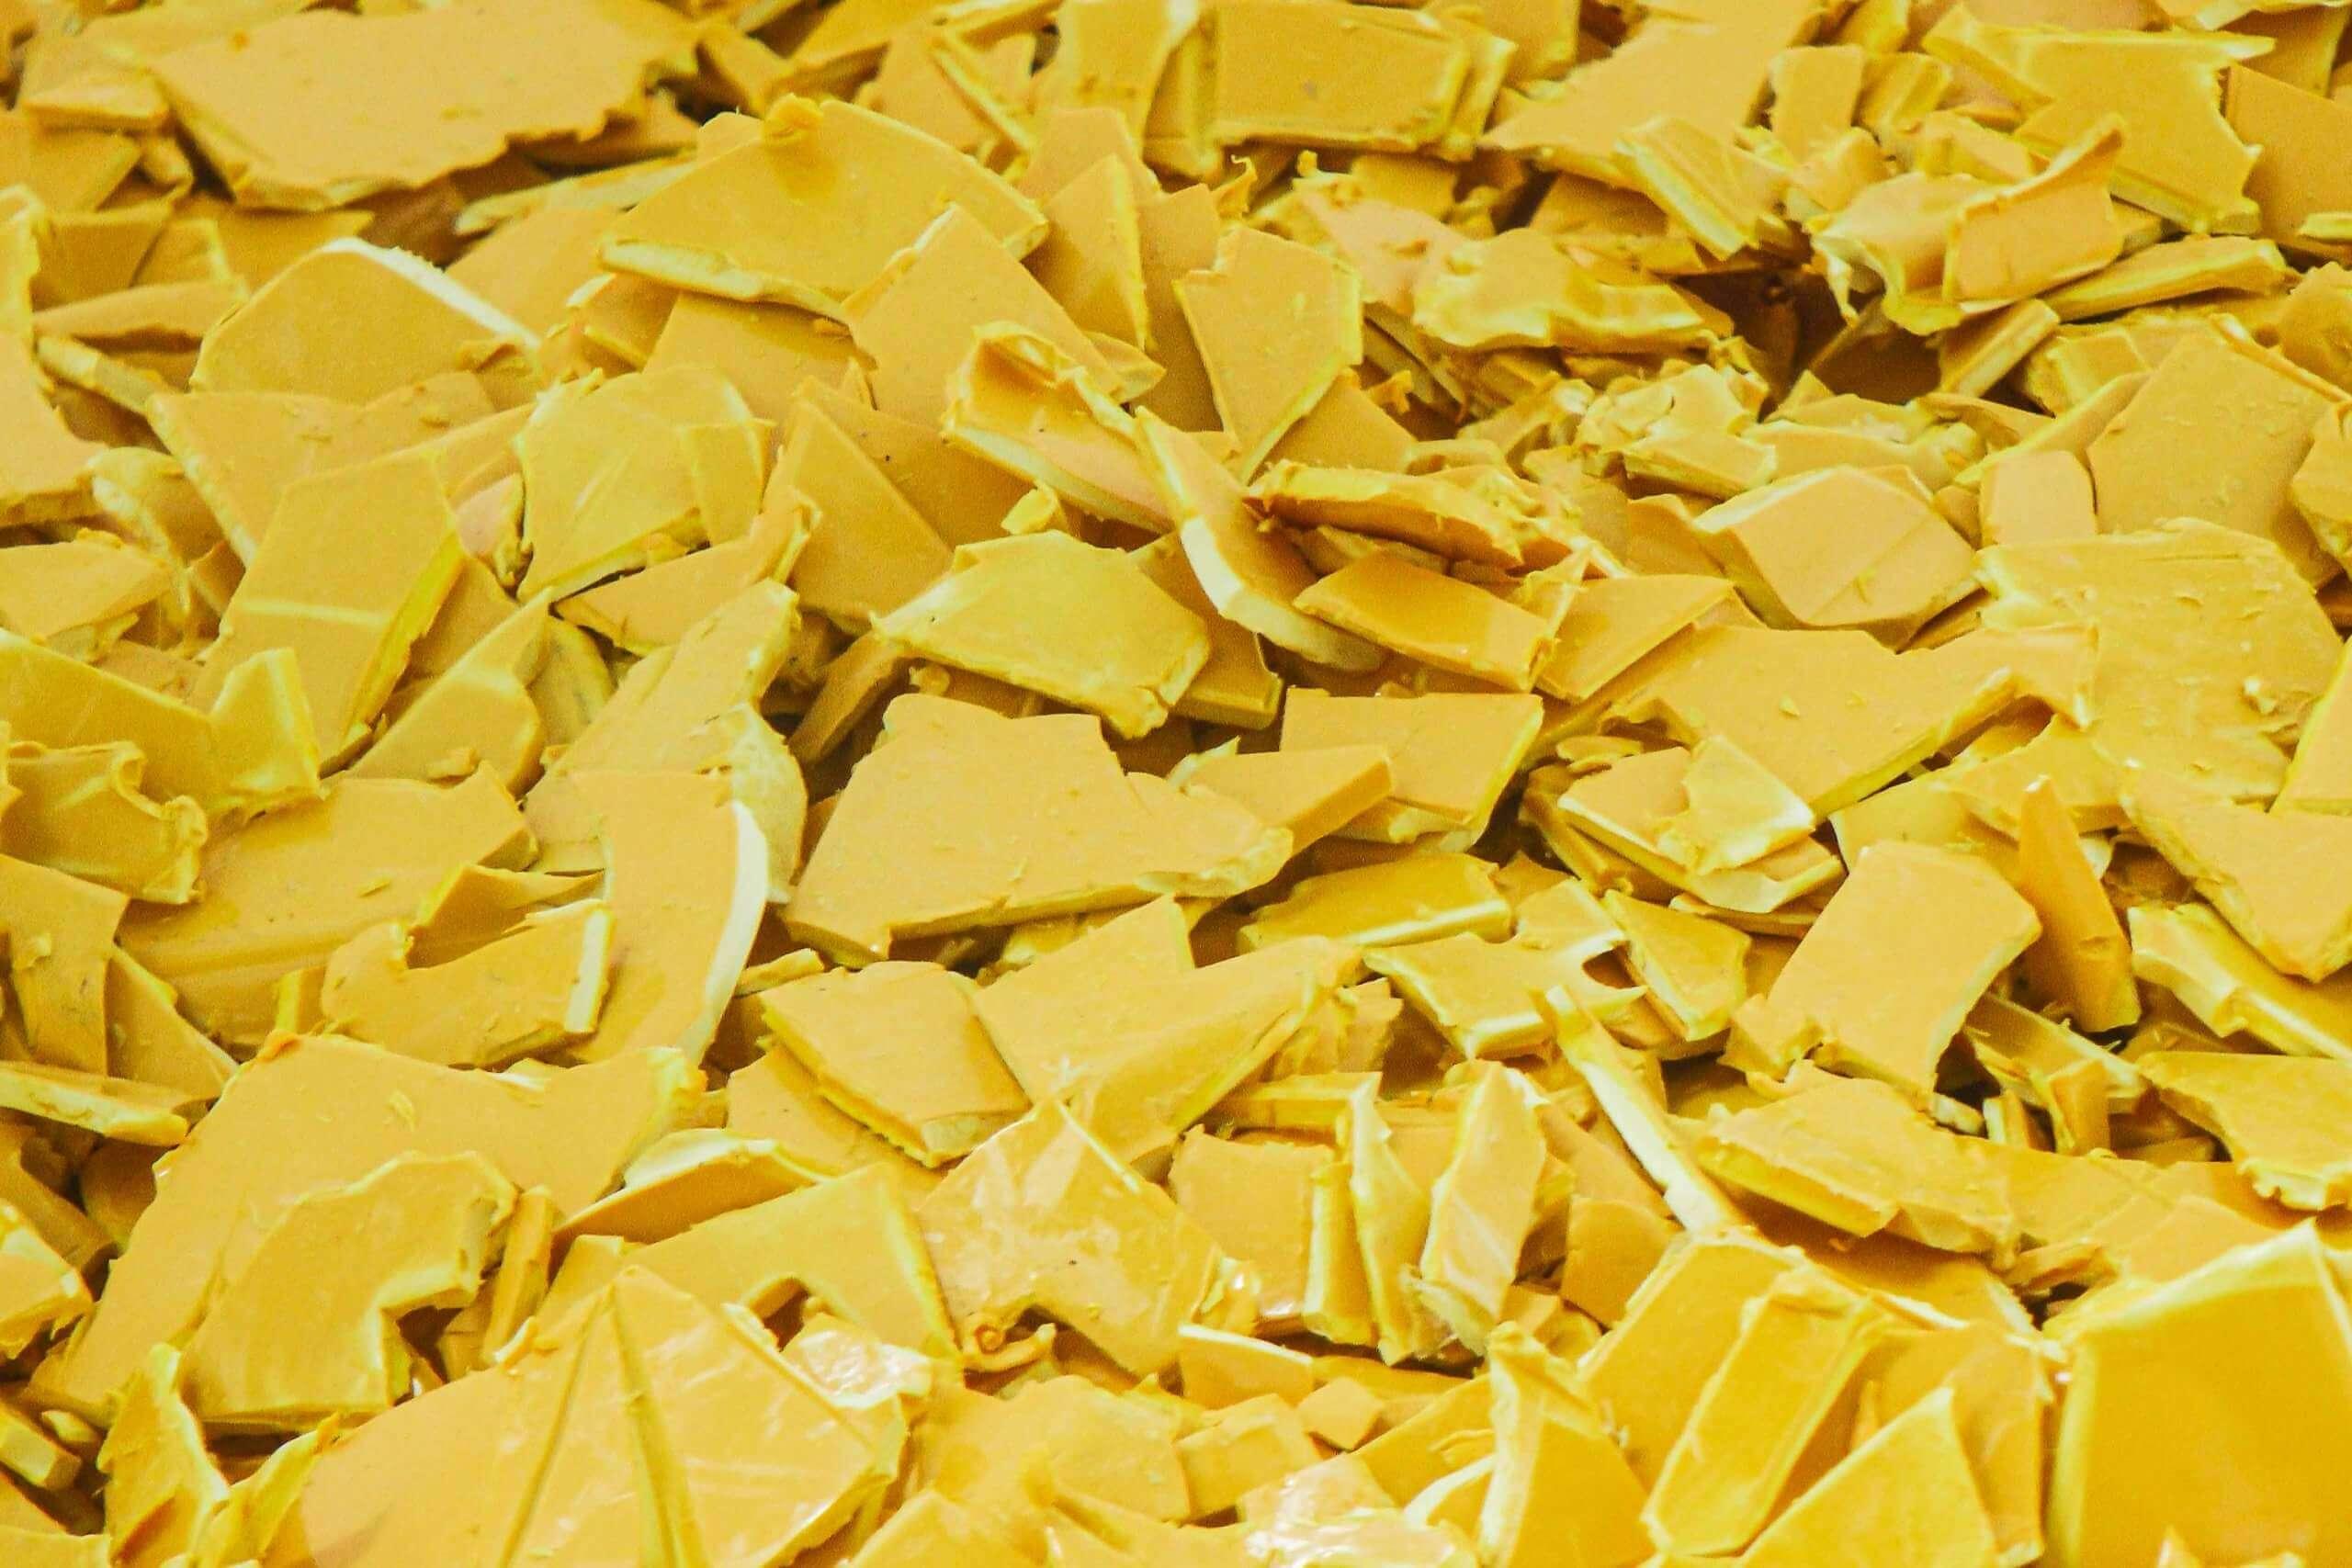 Mahlgut Wäschewannen aus Hartkunststoff zerkleinert